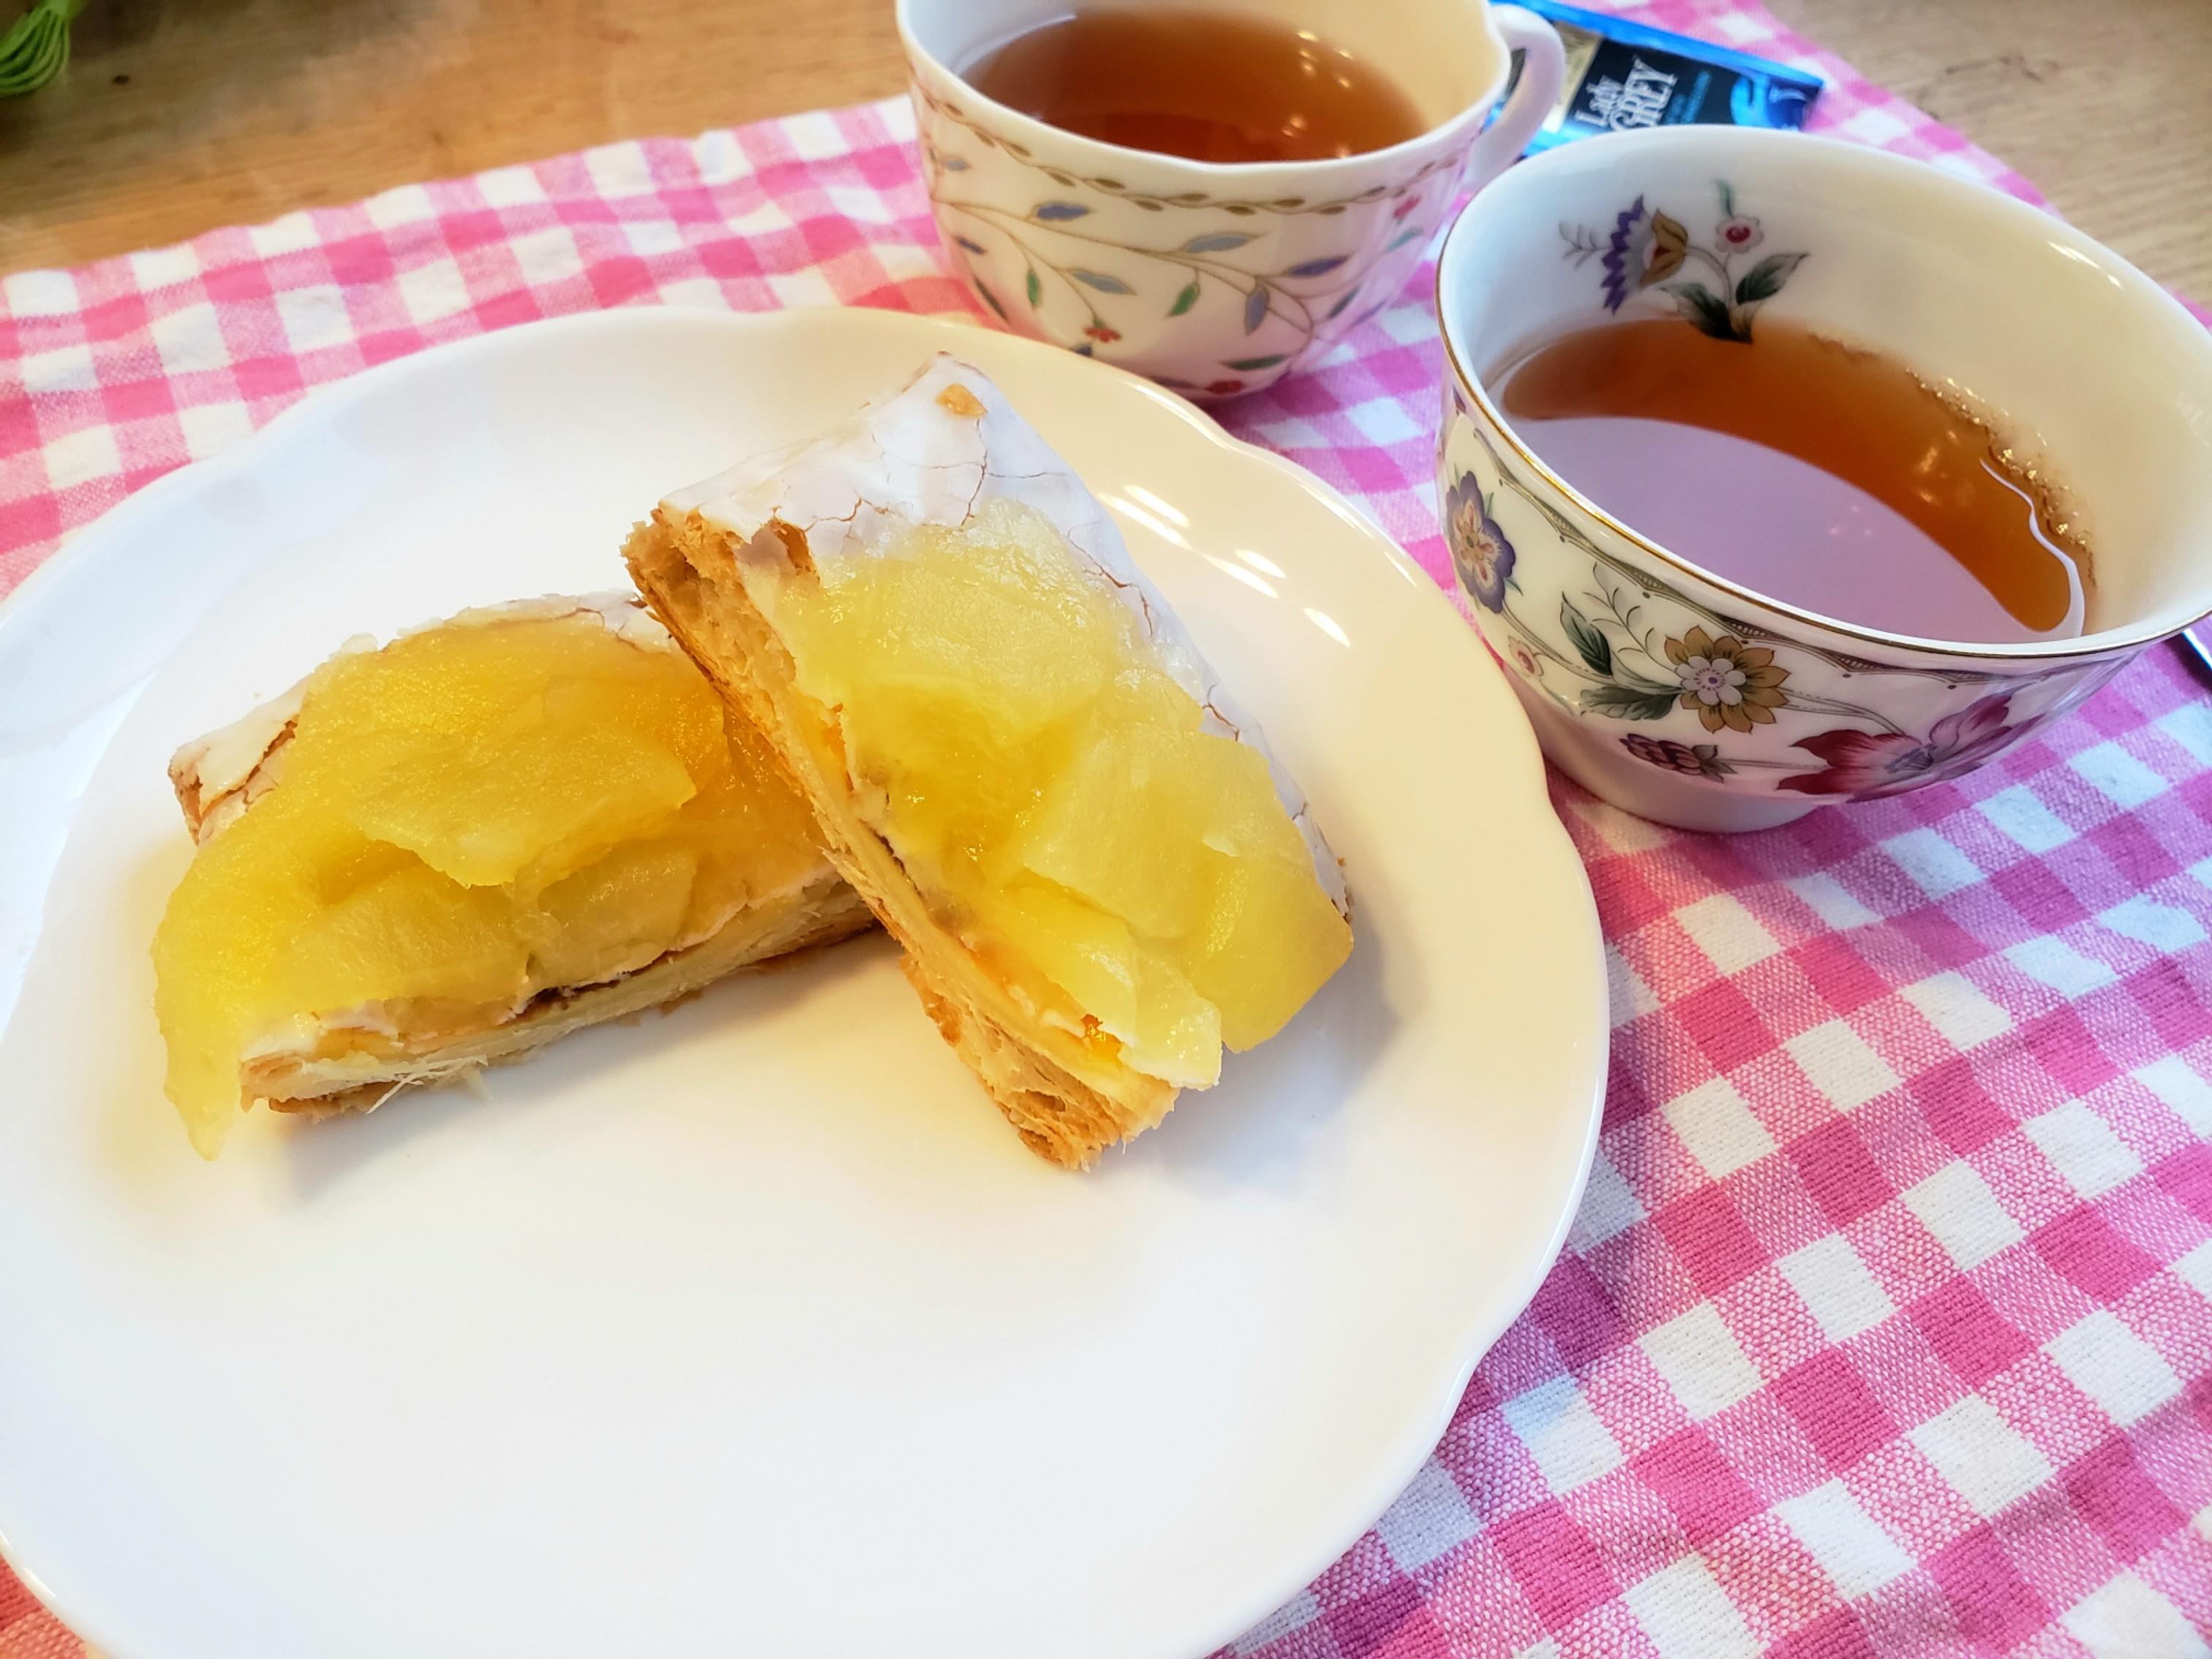 【ファミマ】の新作デザートとTWININGS紅茶2種で《フードペアリングvol.2》☆_3